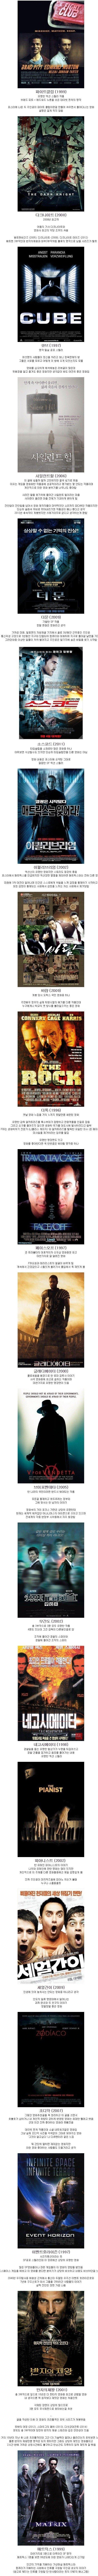 2.jpg 영화를 좋아하는 어느 네티즌이 4년동안 써온 추천영화들